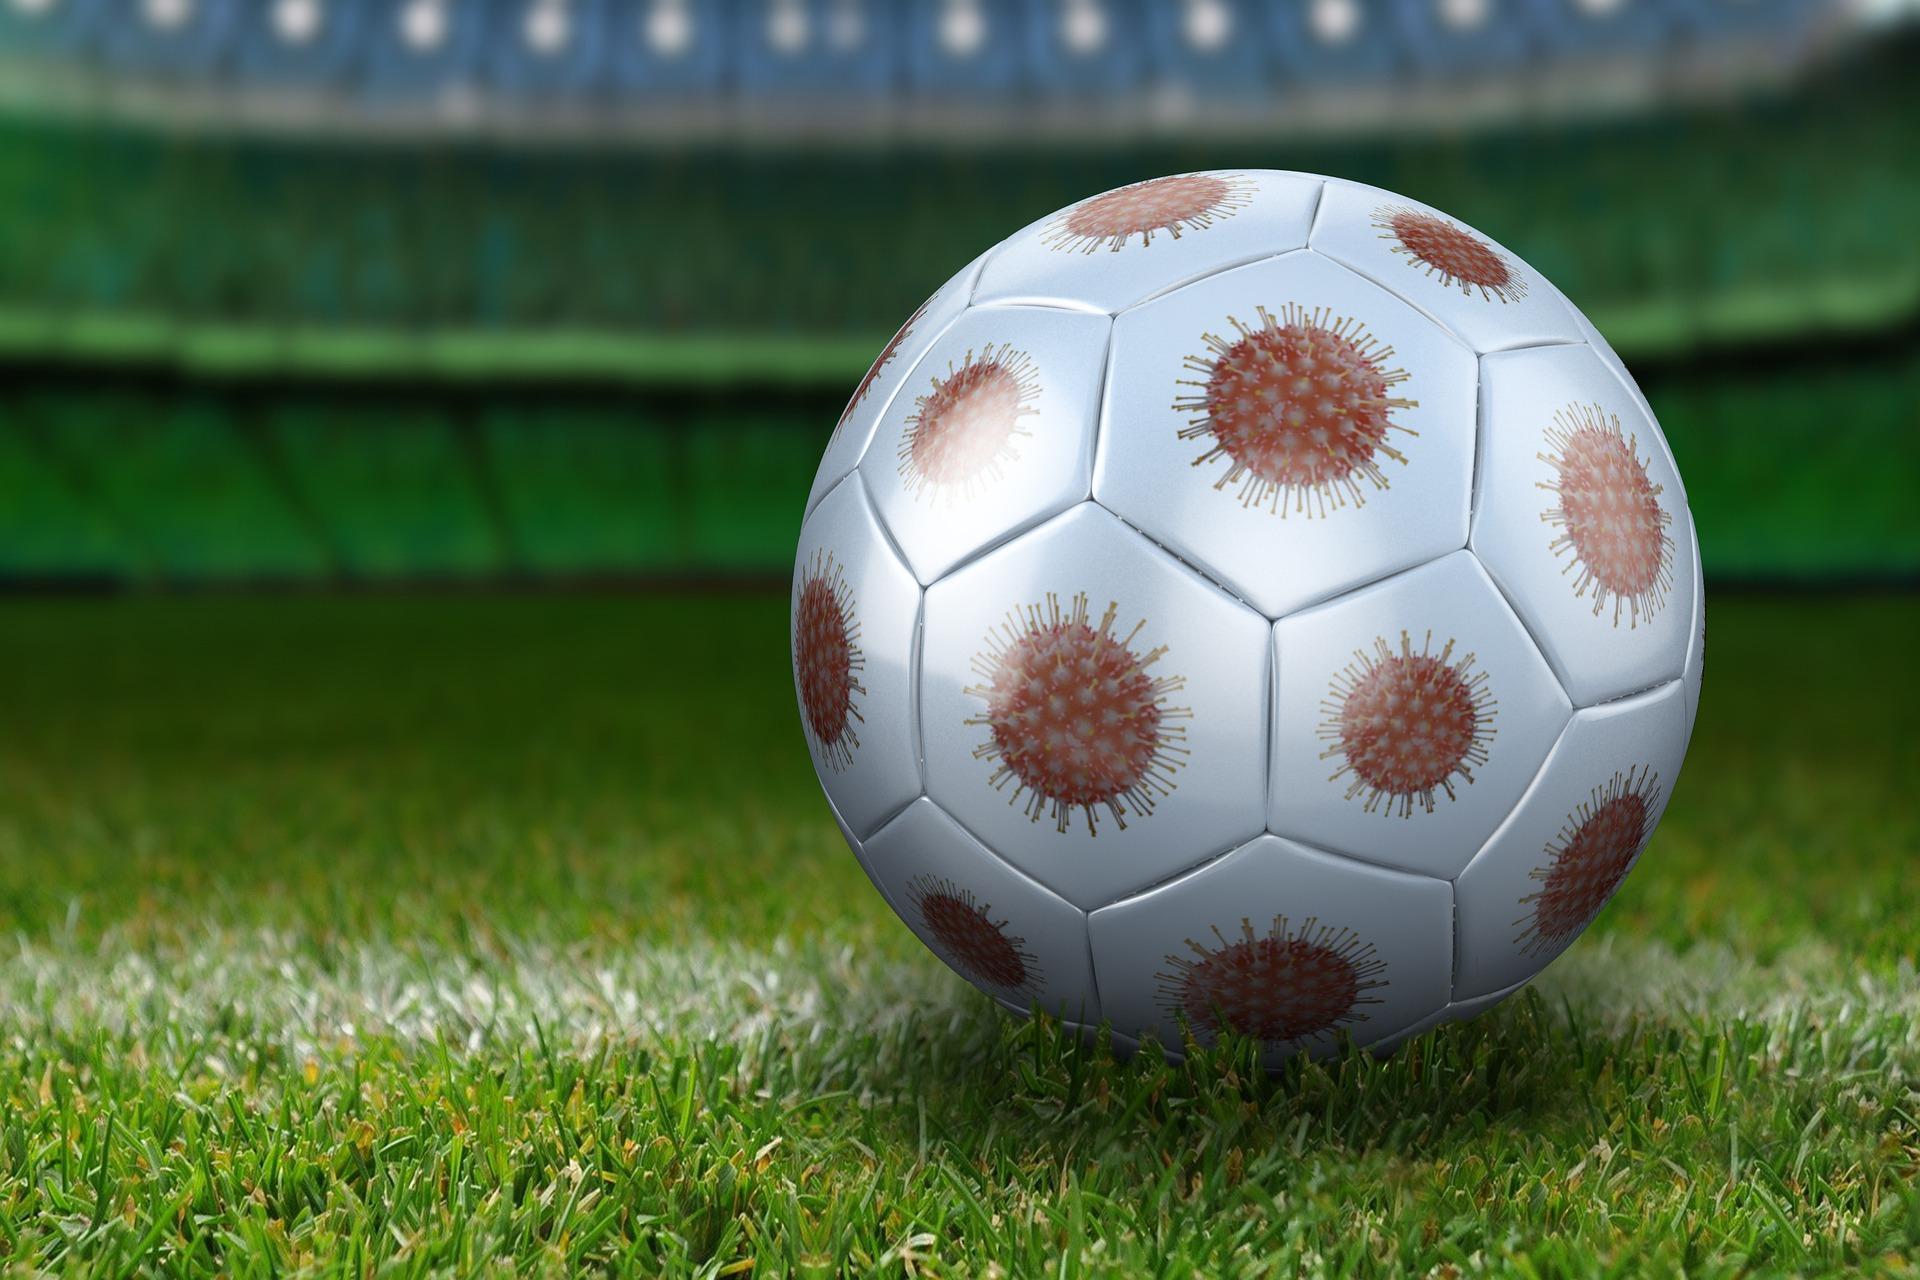 Le football entre «disparition» médiatique et intérêt économique